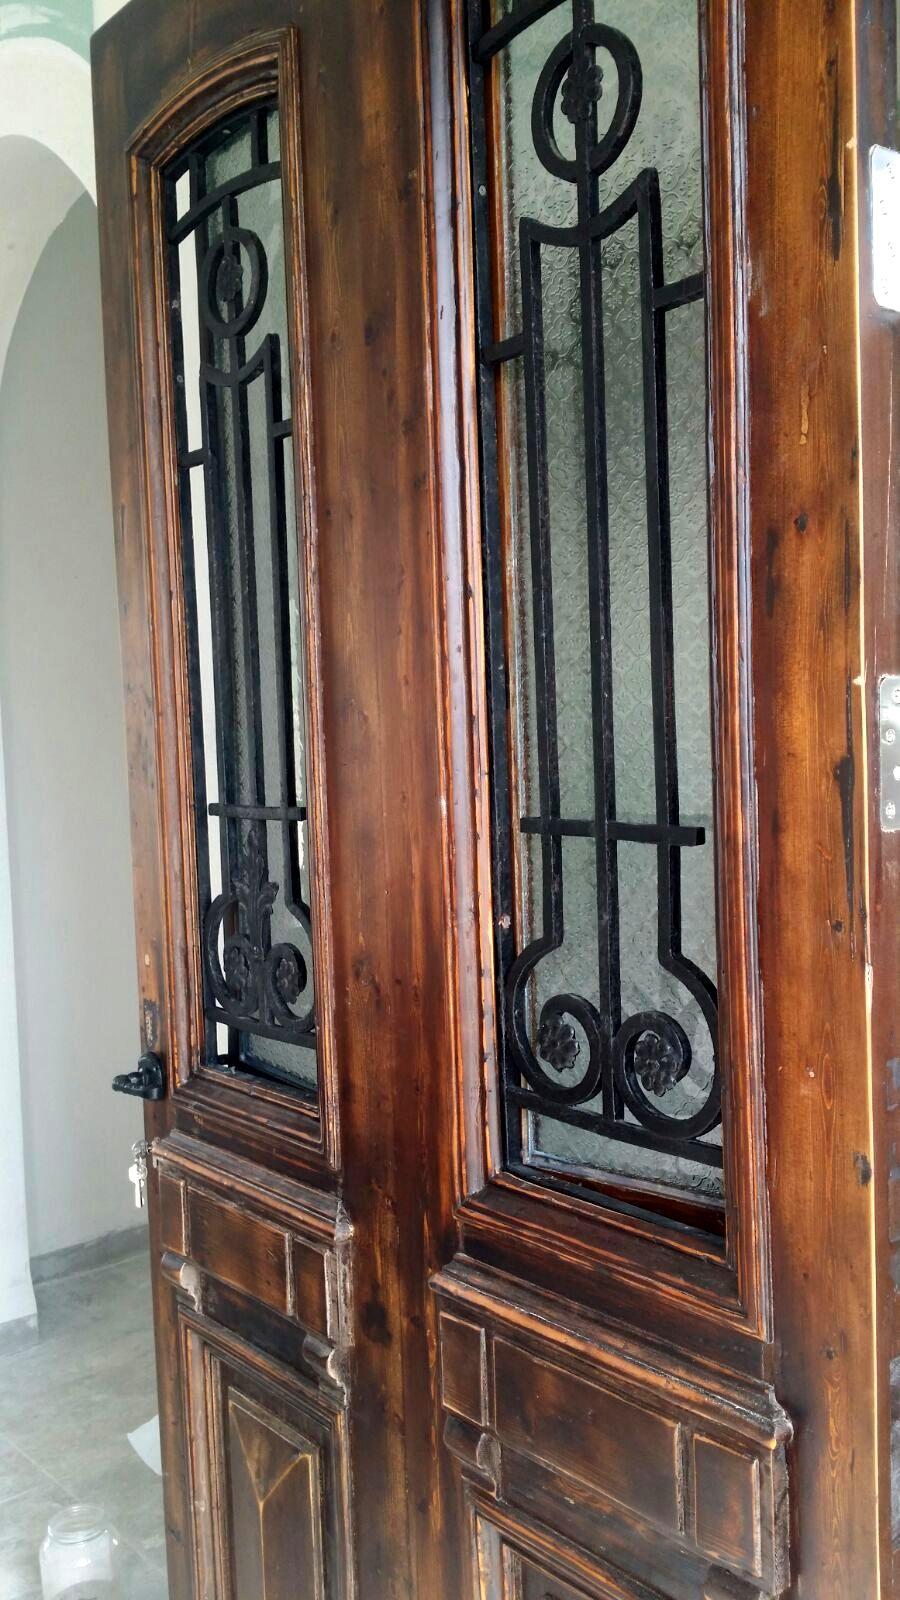 דלת עתיקה אחרי רסטורציה